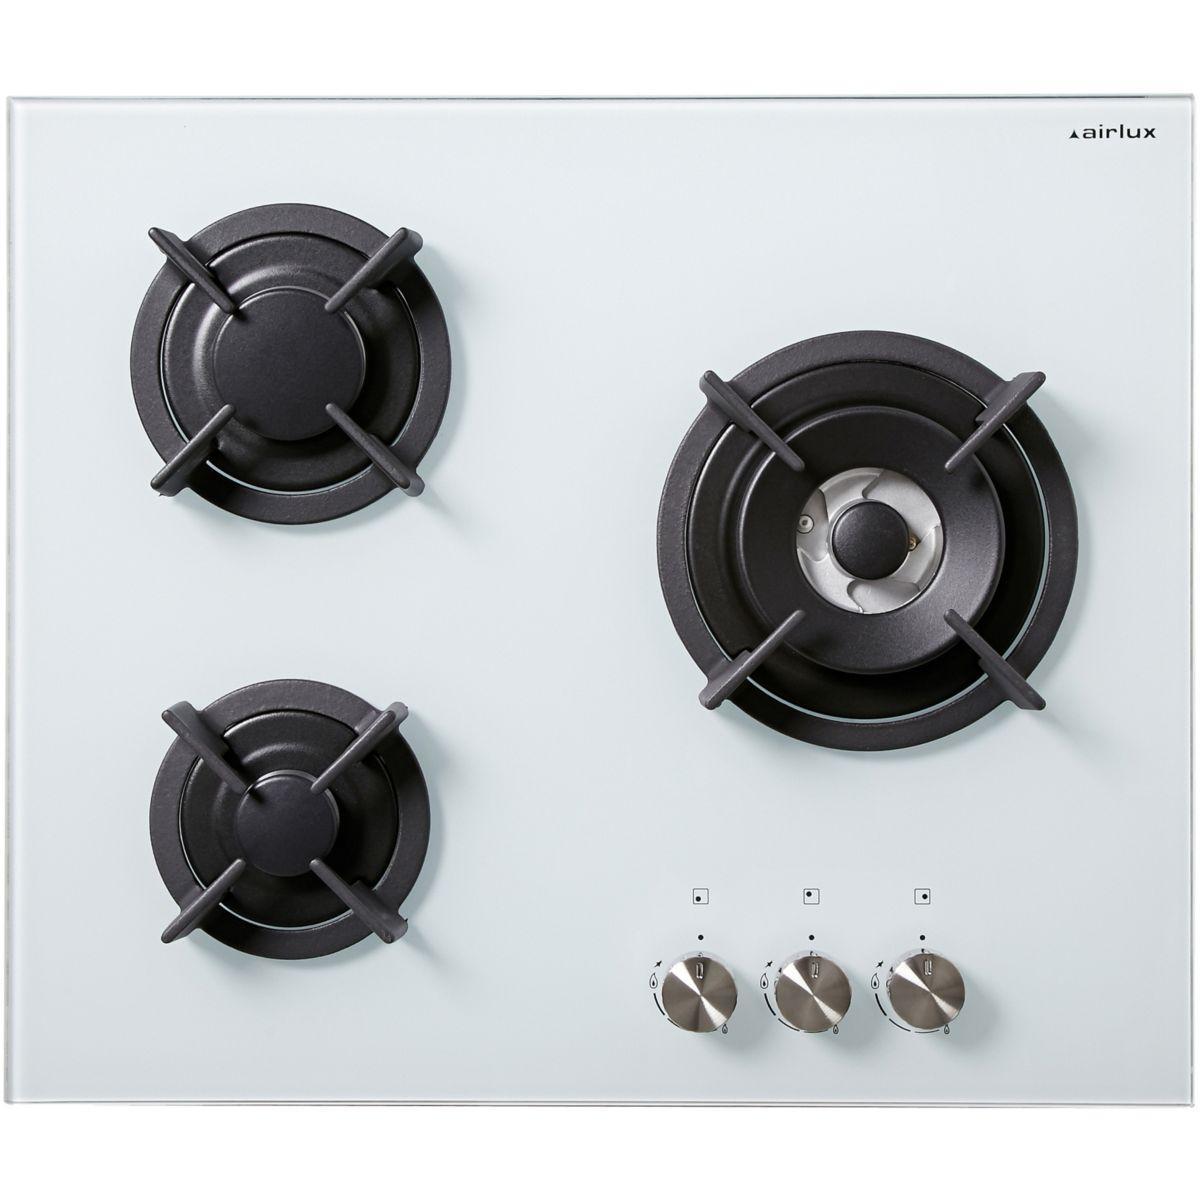 Table de cuisson gaz airlux av 635 hwh - produit coup de coeur webdistrib.com !